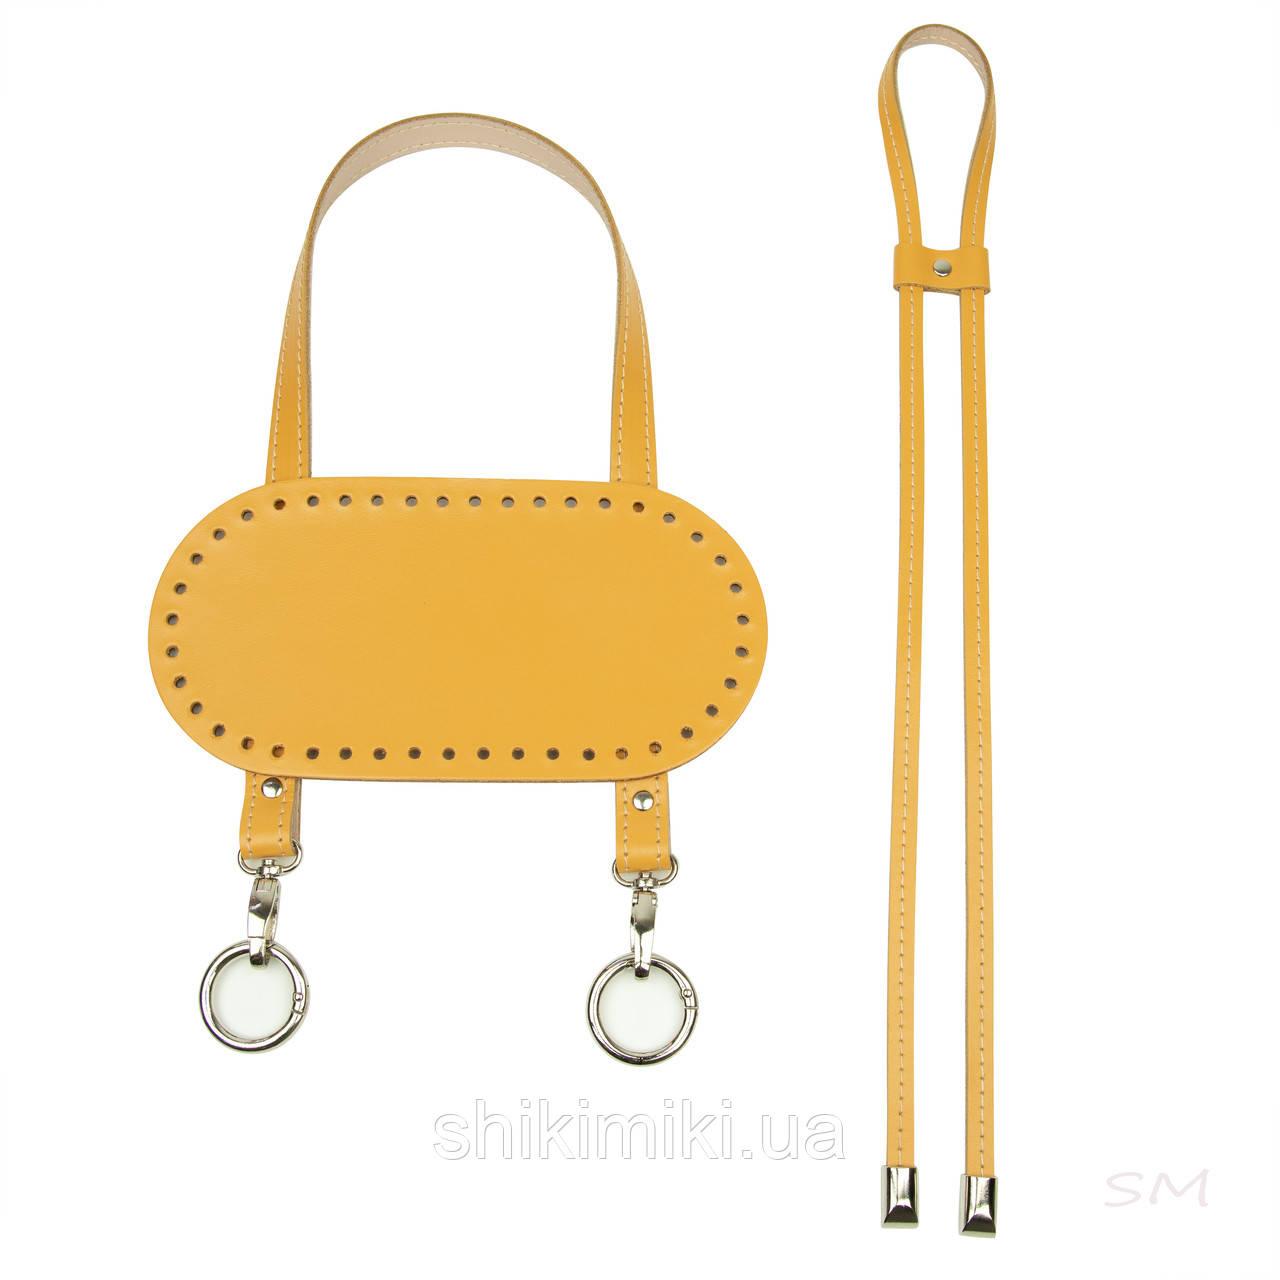 Комплект для сумки Торба з натуральної шкіри, колір манго